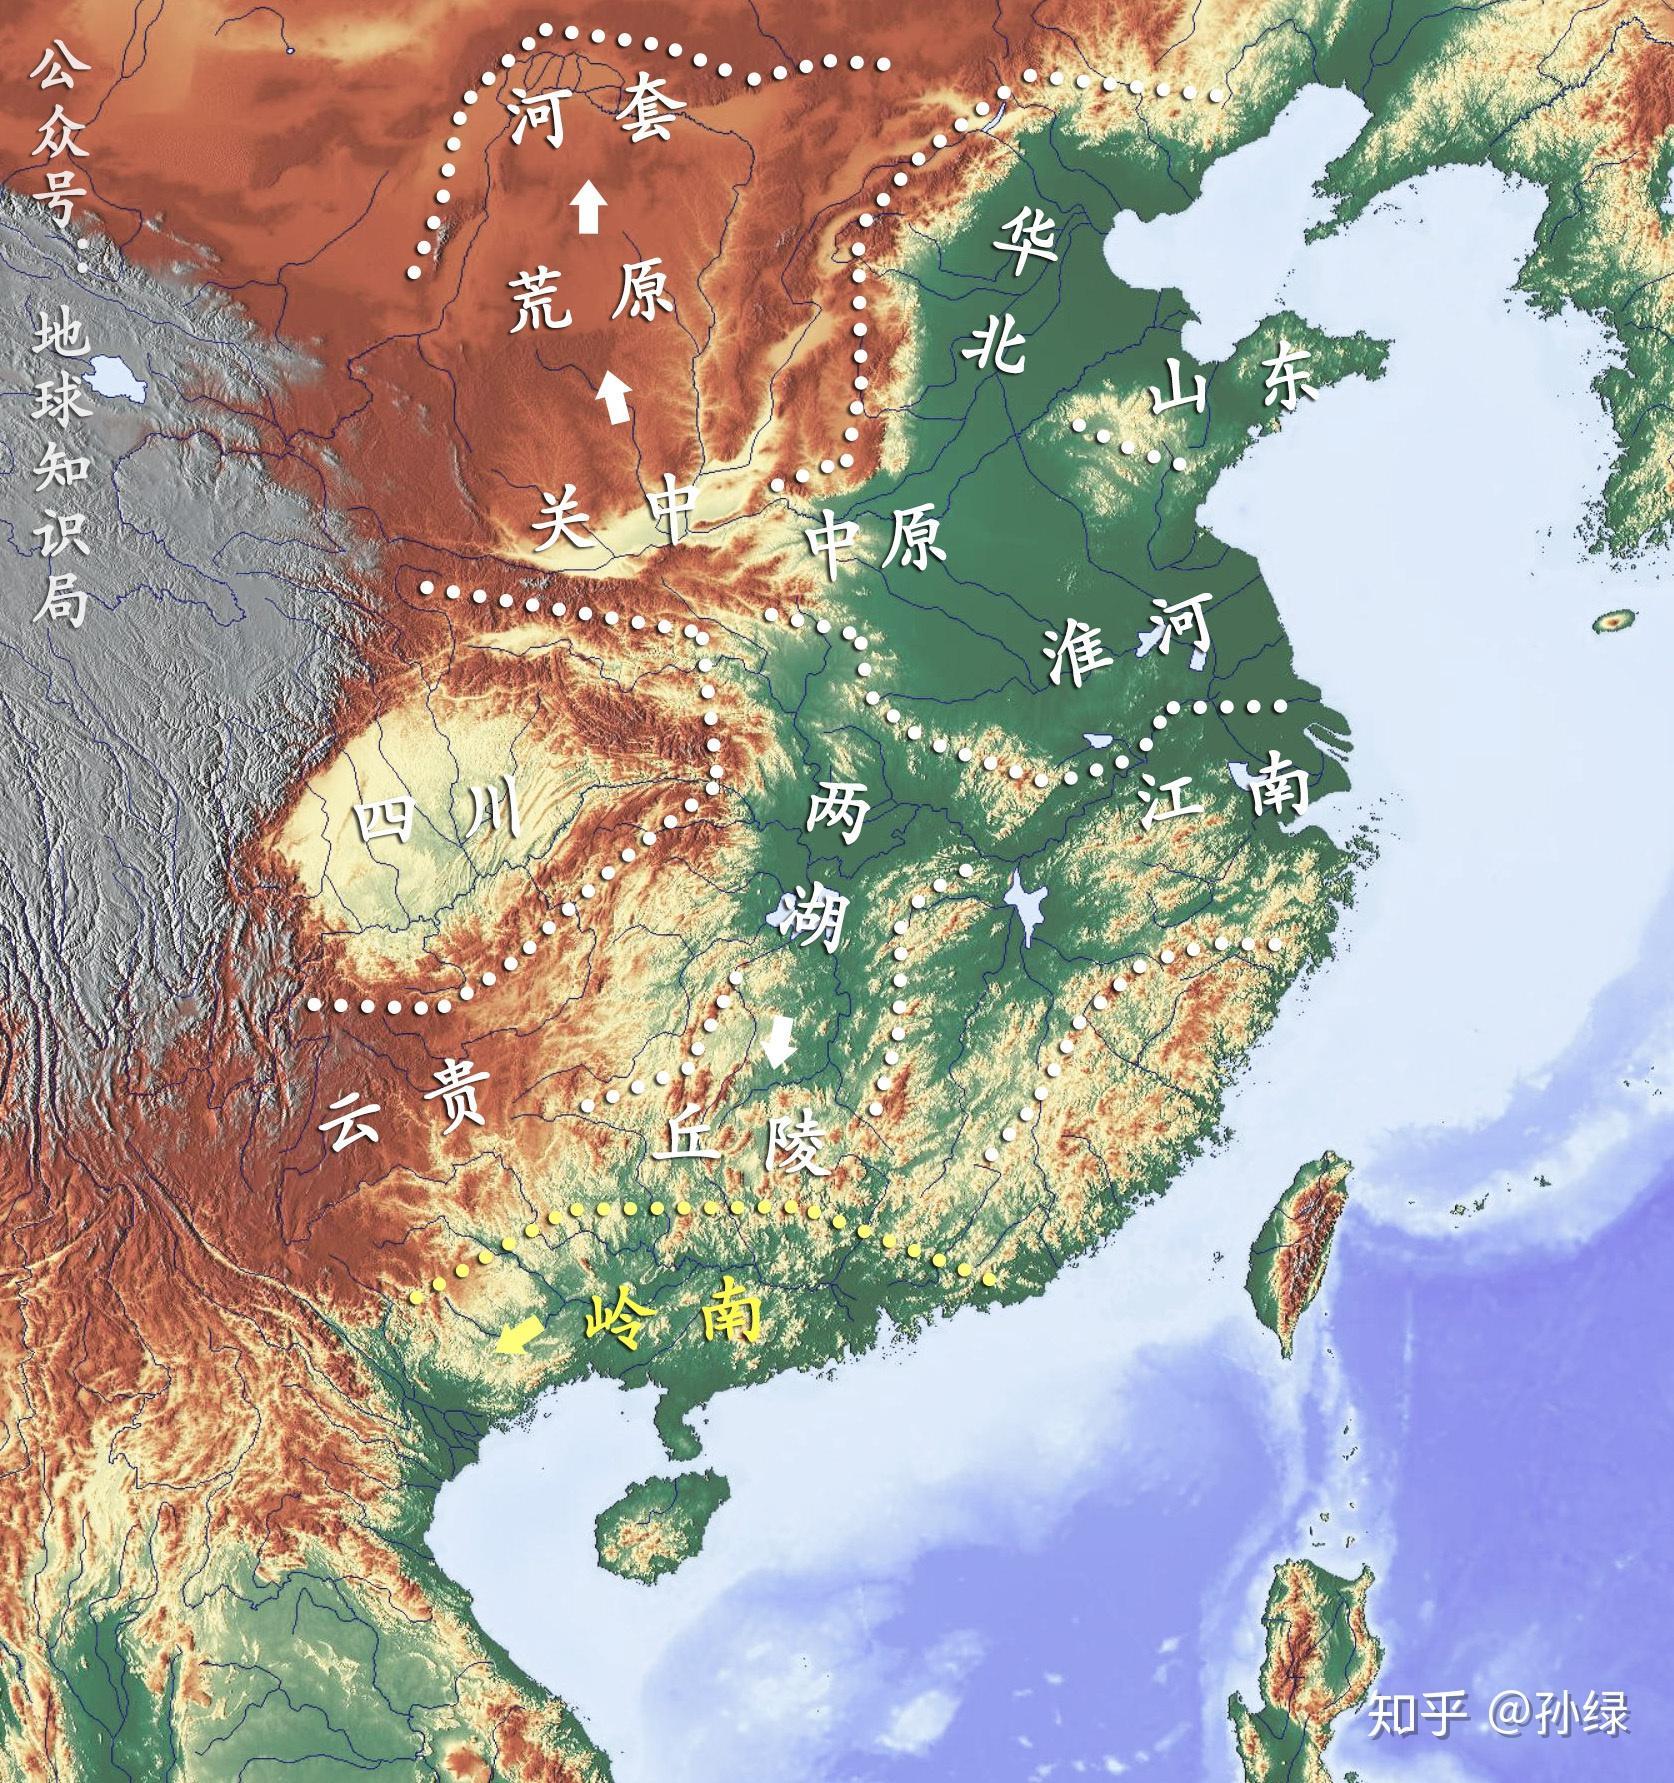 南越国疆域图_山西 河南 太原 重庆 怎么都跑到越南去了?地球知识局 - 知乎